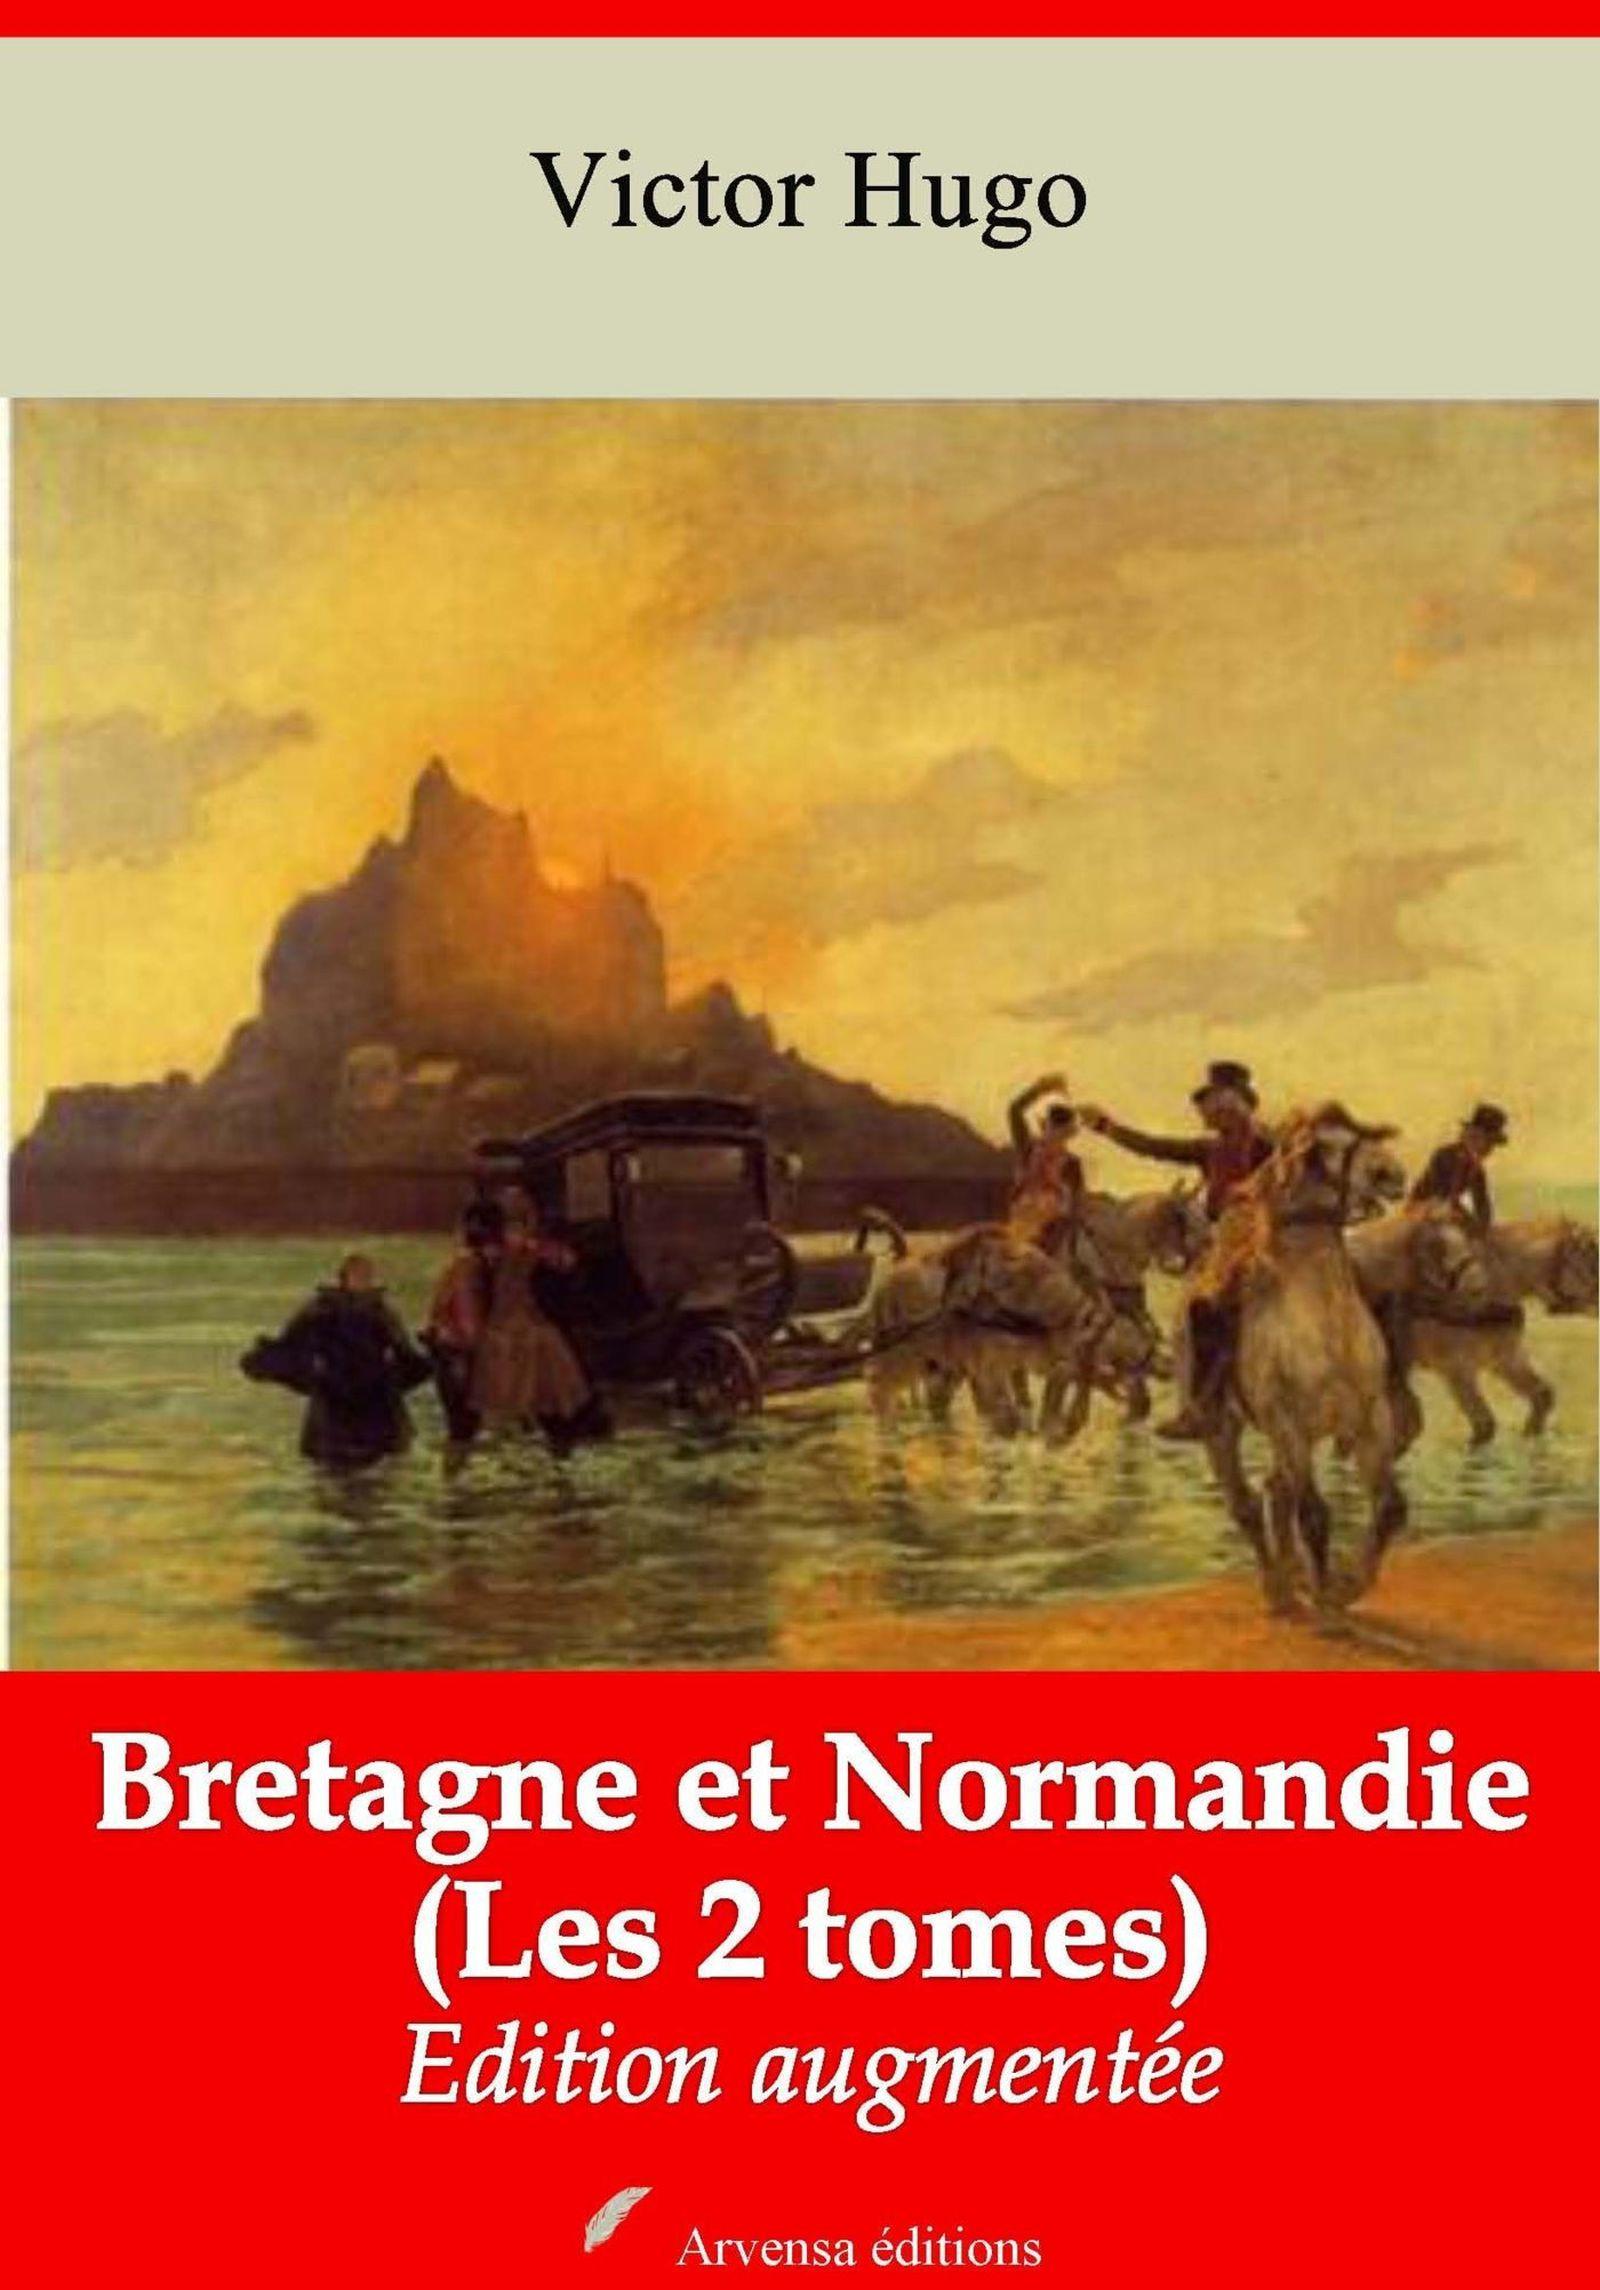 Bretagne et Normandie (Les 2 tomes) - suivi d'annexes